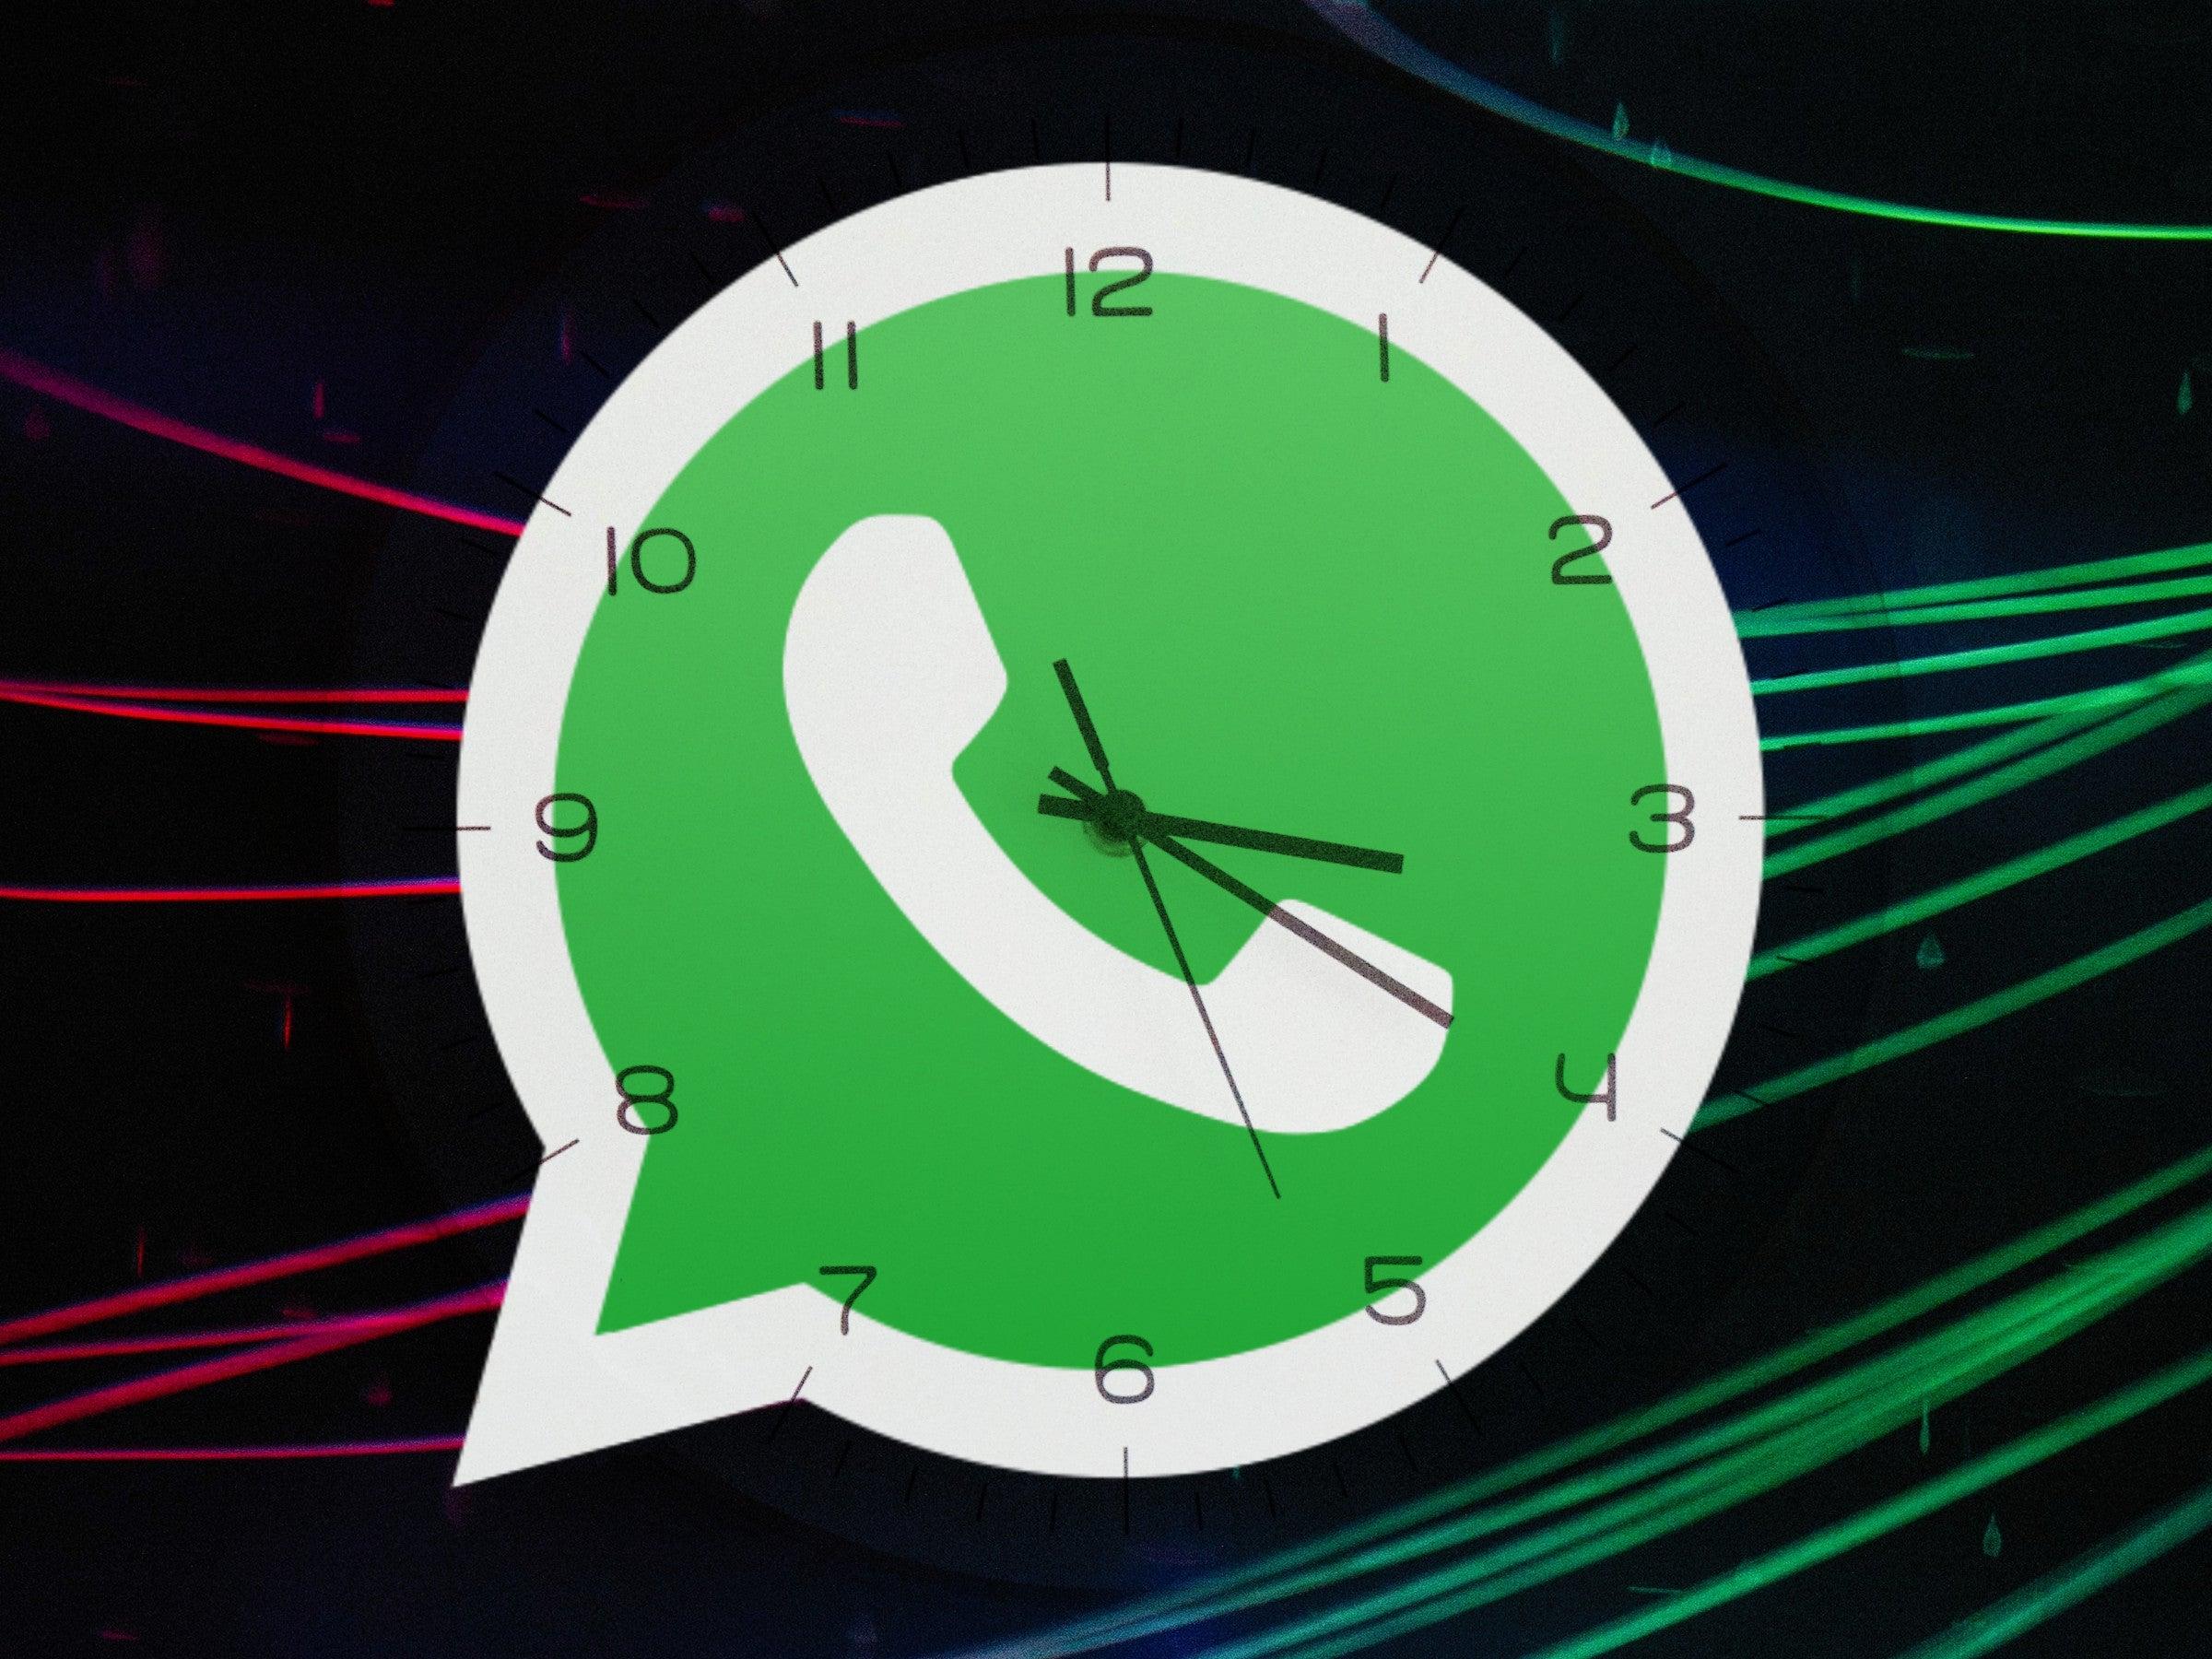 Whatsapp profilbild weg in WhatsApp: Profilbild